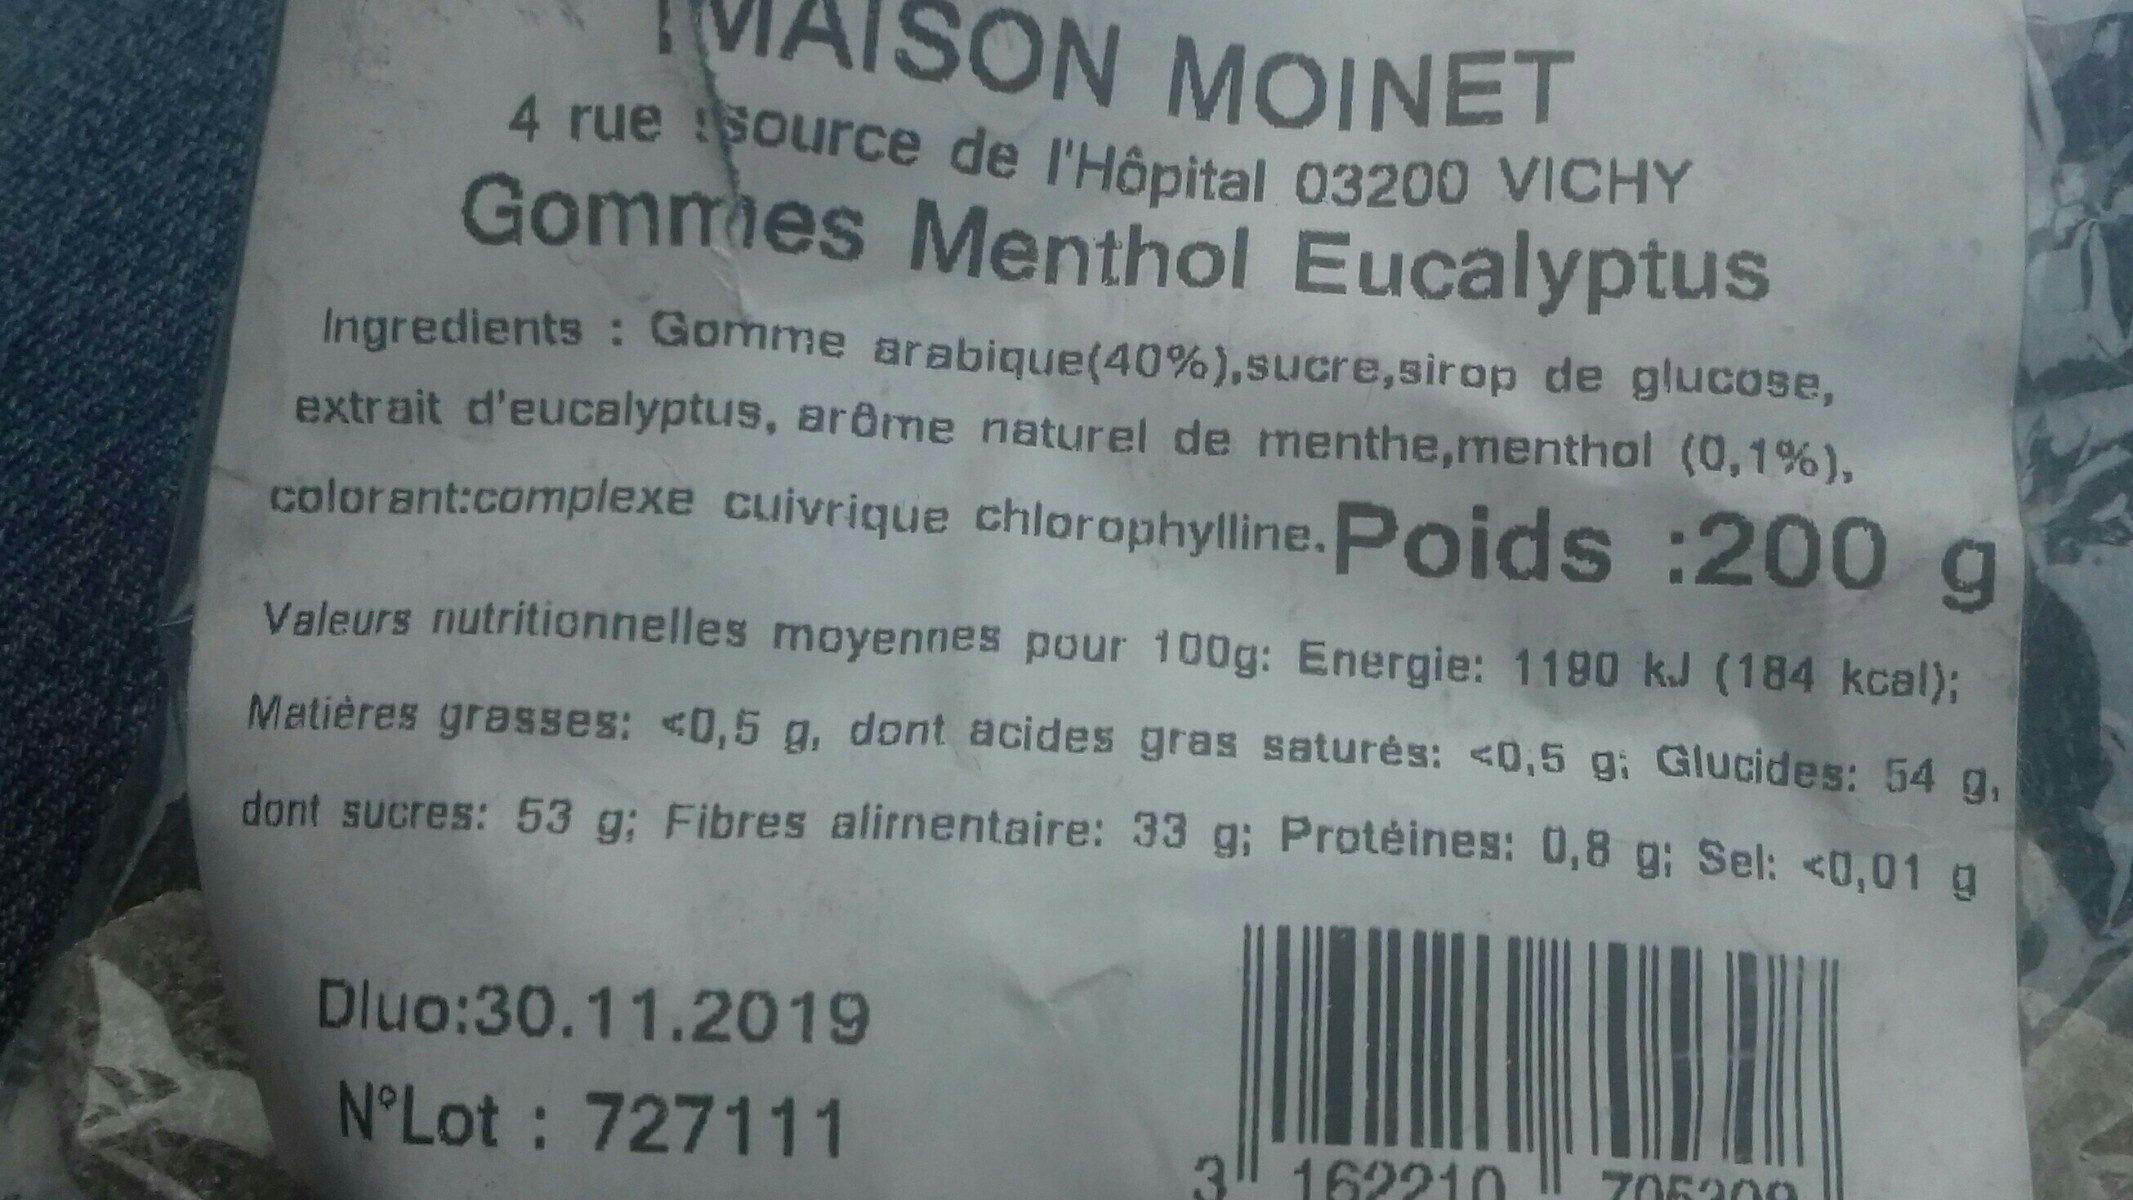 Gommes véritables menthol eucalyptus - Ingrediënten